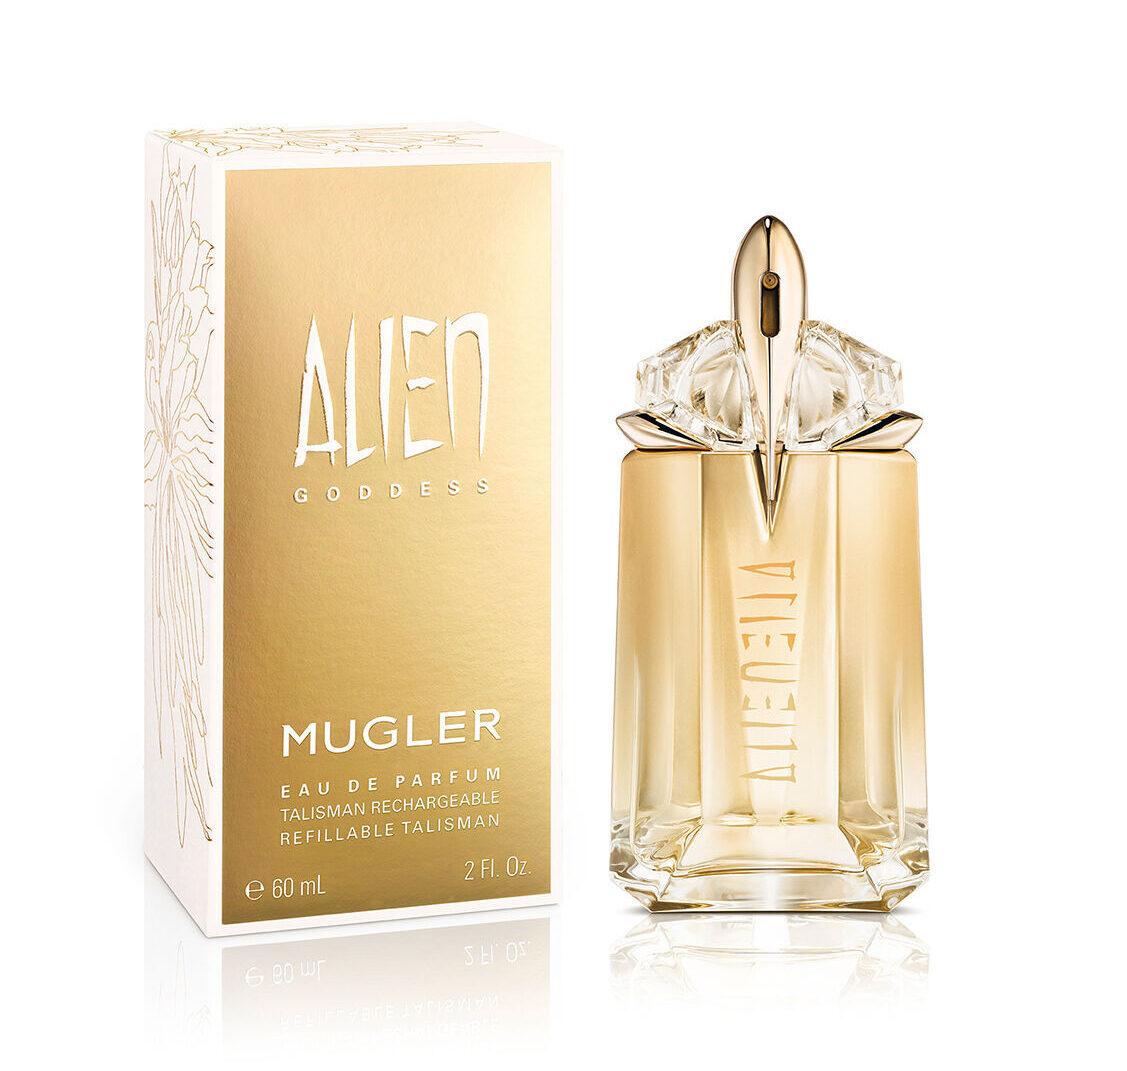 Mugler Alien Goddess Eau de Parfum